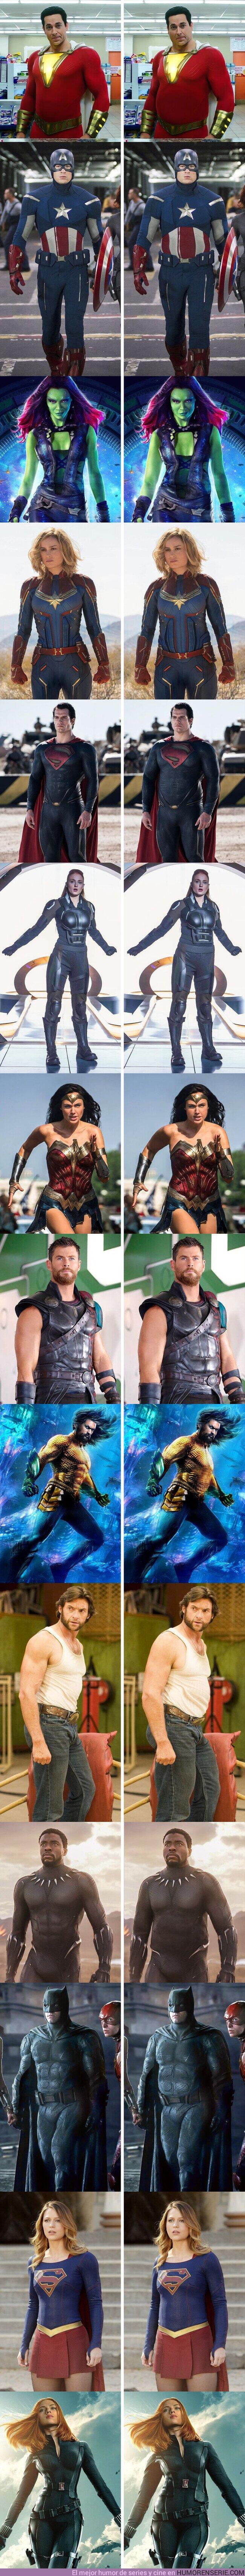 70456 - GALERÍA: Así se verían 14 superhéroes del cine si tuvieran cuerpos menos estilizados